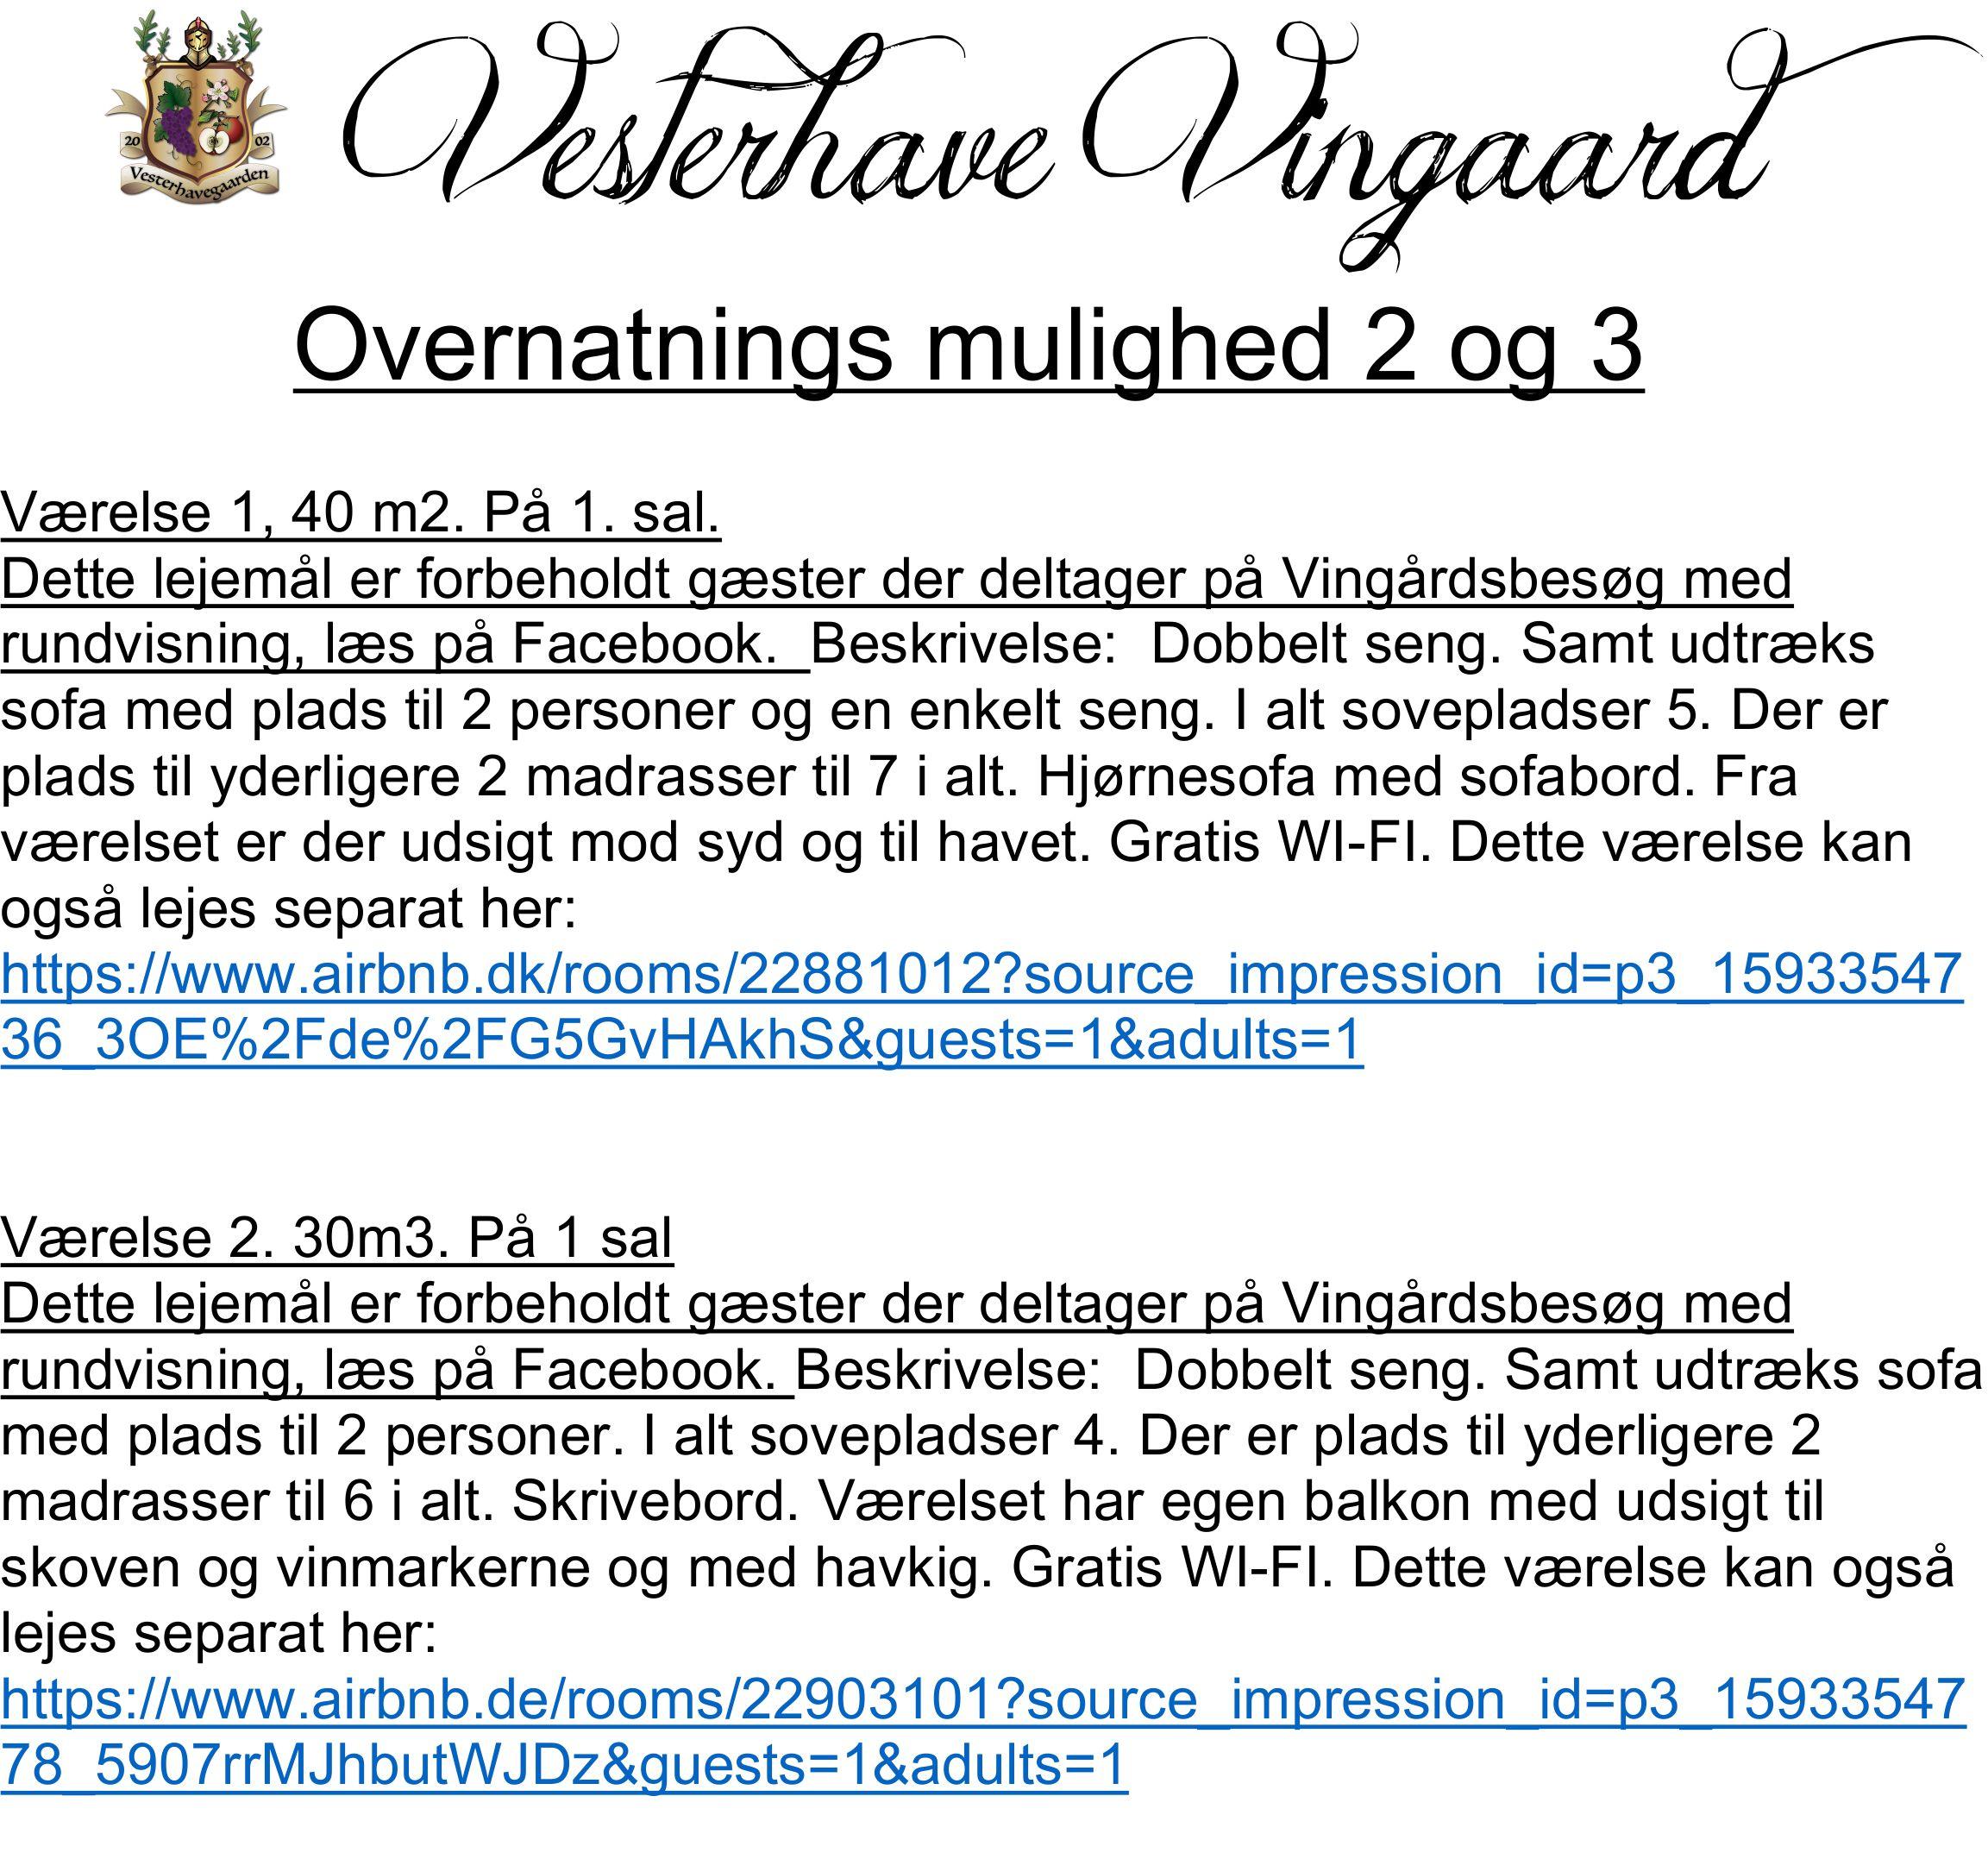 VINGÅRDSBESØG MED RUNDVISNING 30.10.21 kl 15